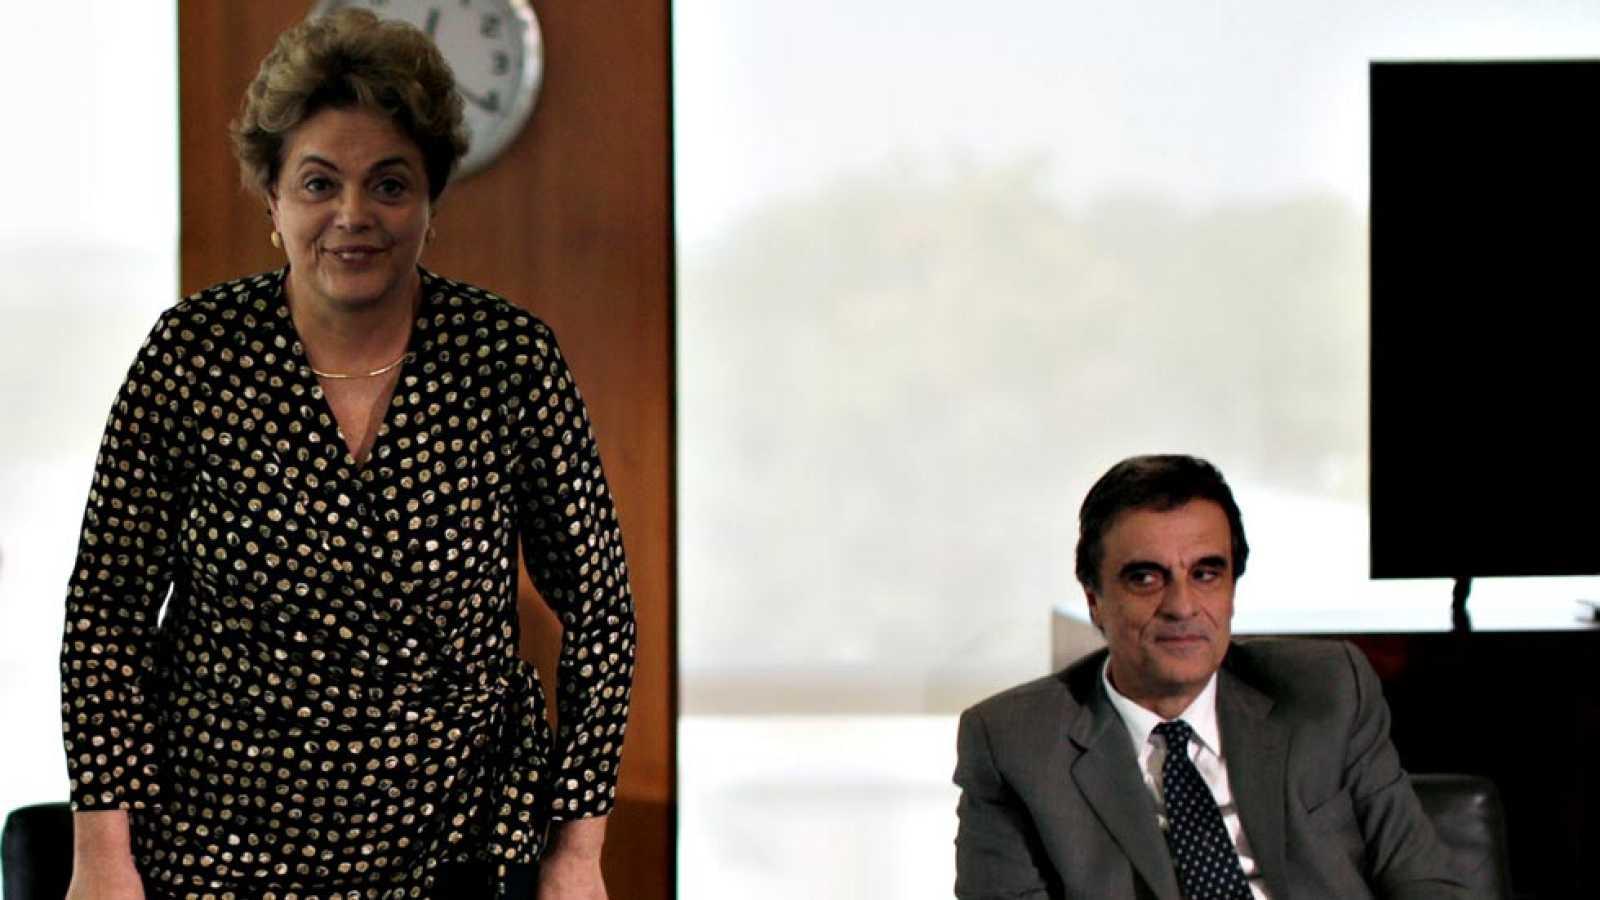 El Gobierno de Brasil presenta un recurso para intentar a la desesperada frenar el juicio político a Rousseff